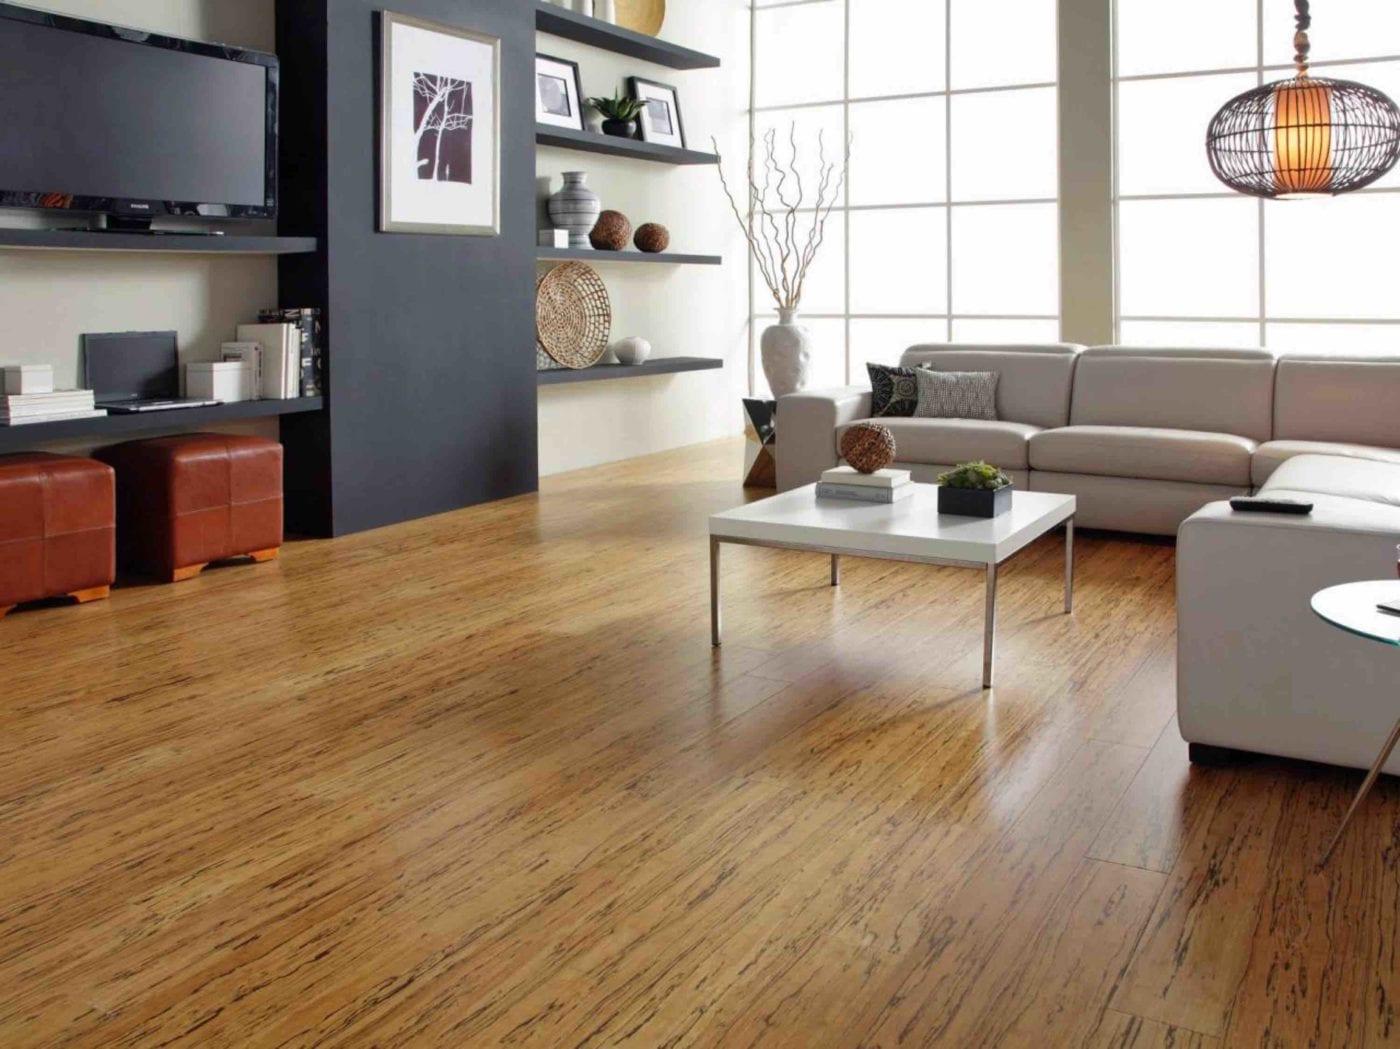 Bamboo Flooring in Living Room | Signature Flooring, Inc